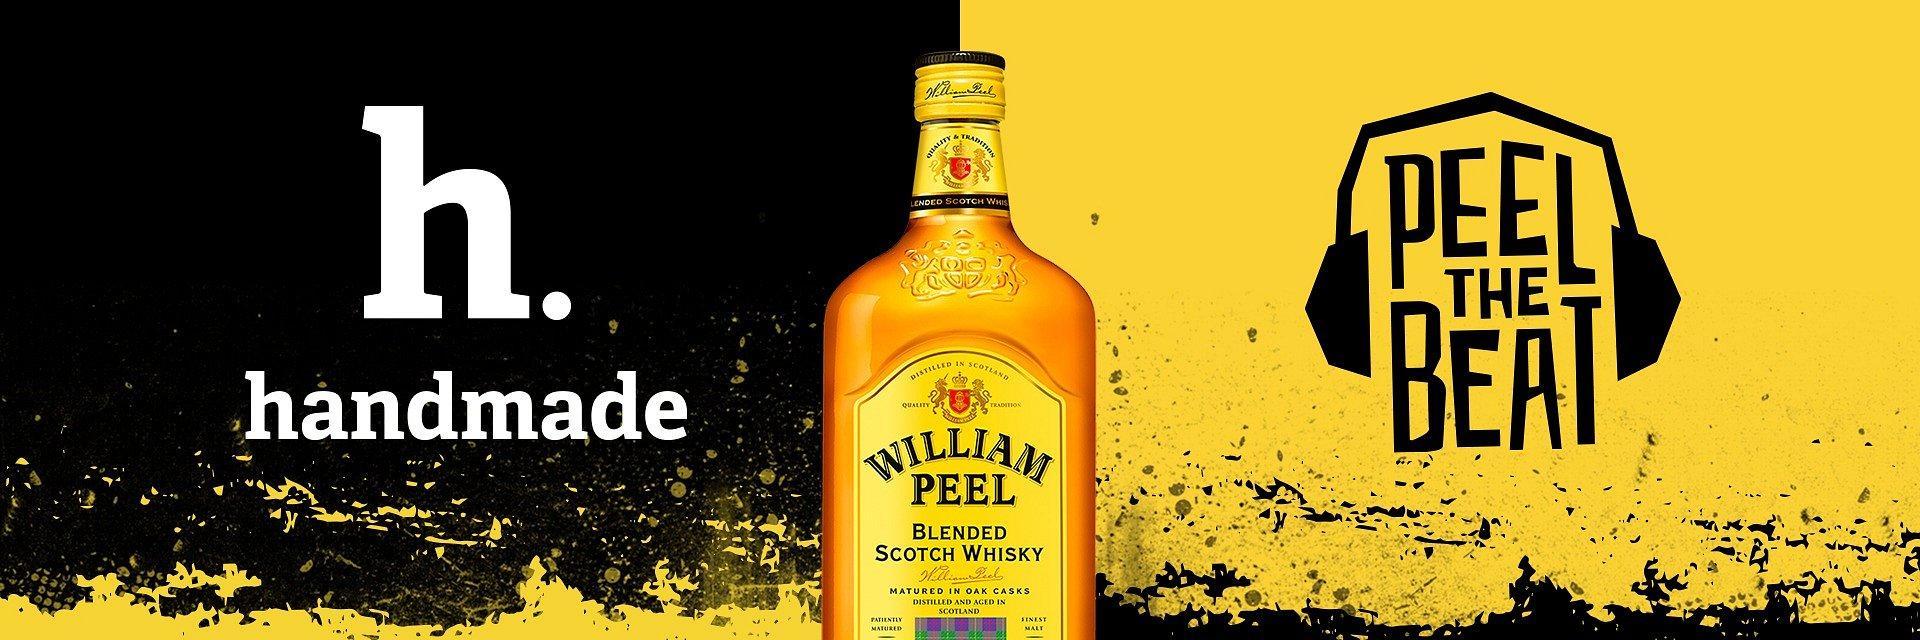 Peel The Beat! Hand Made i William Peel po raz kolejny zapraszają na rok pełen muzycznych wrażeń